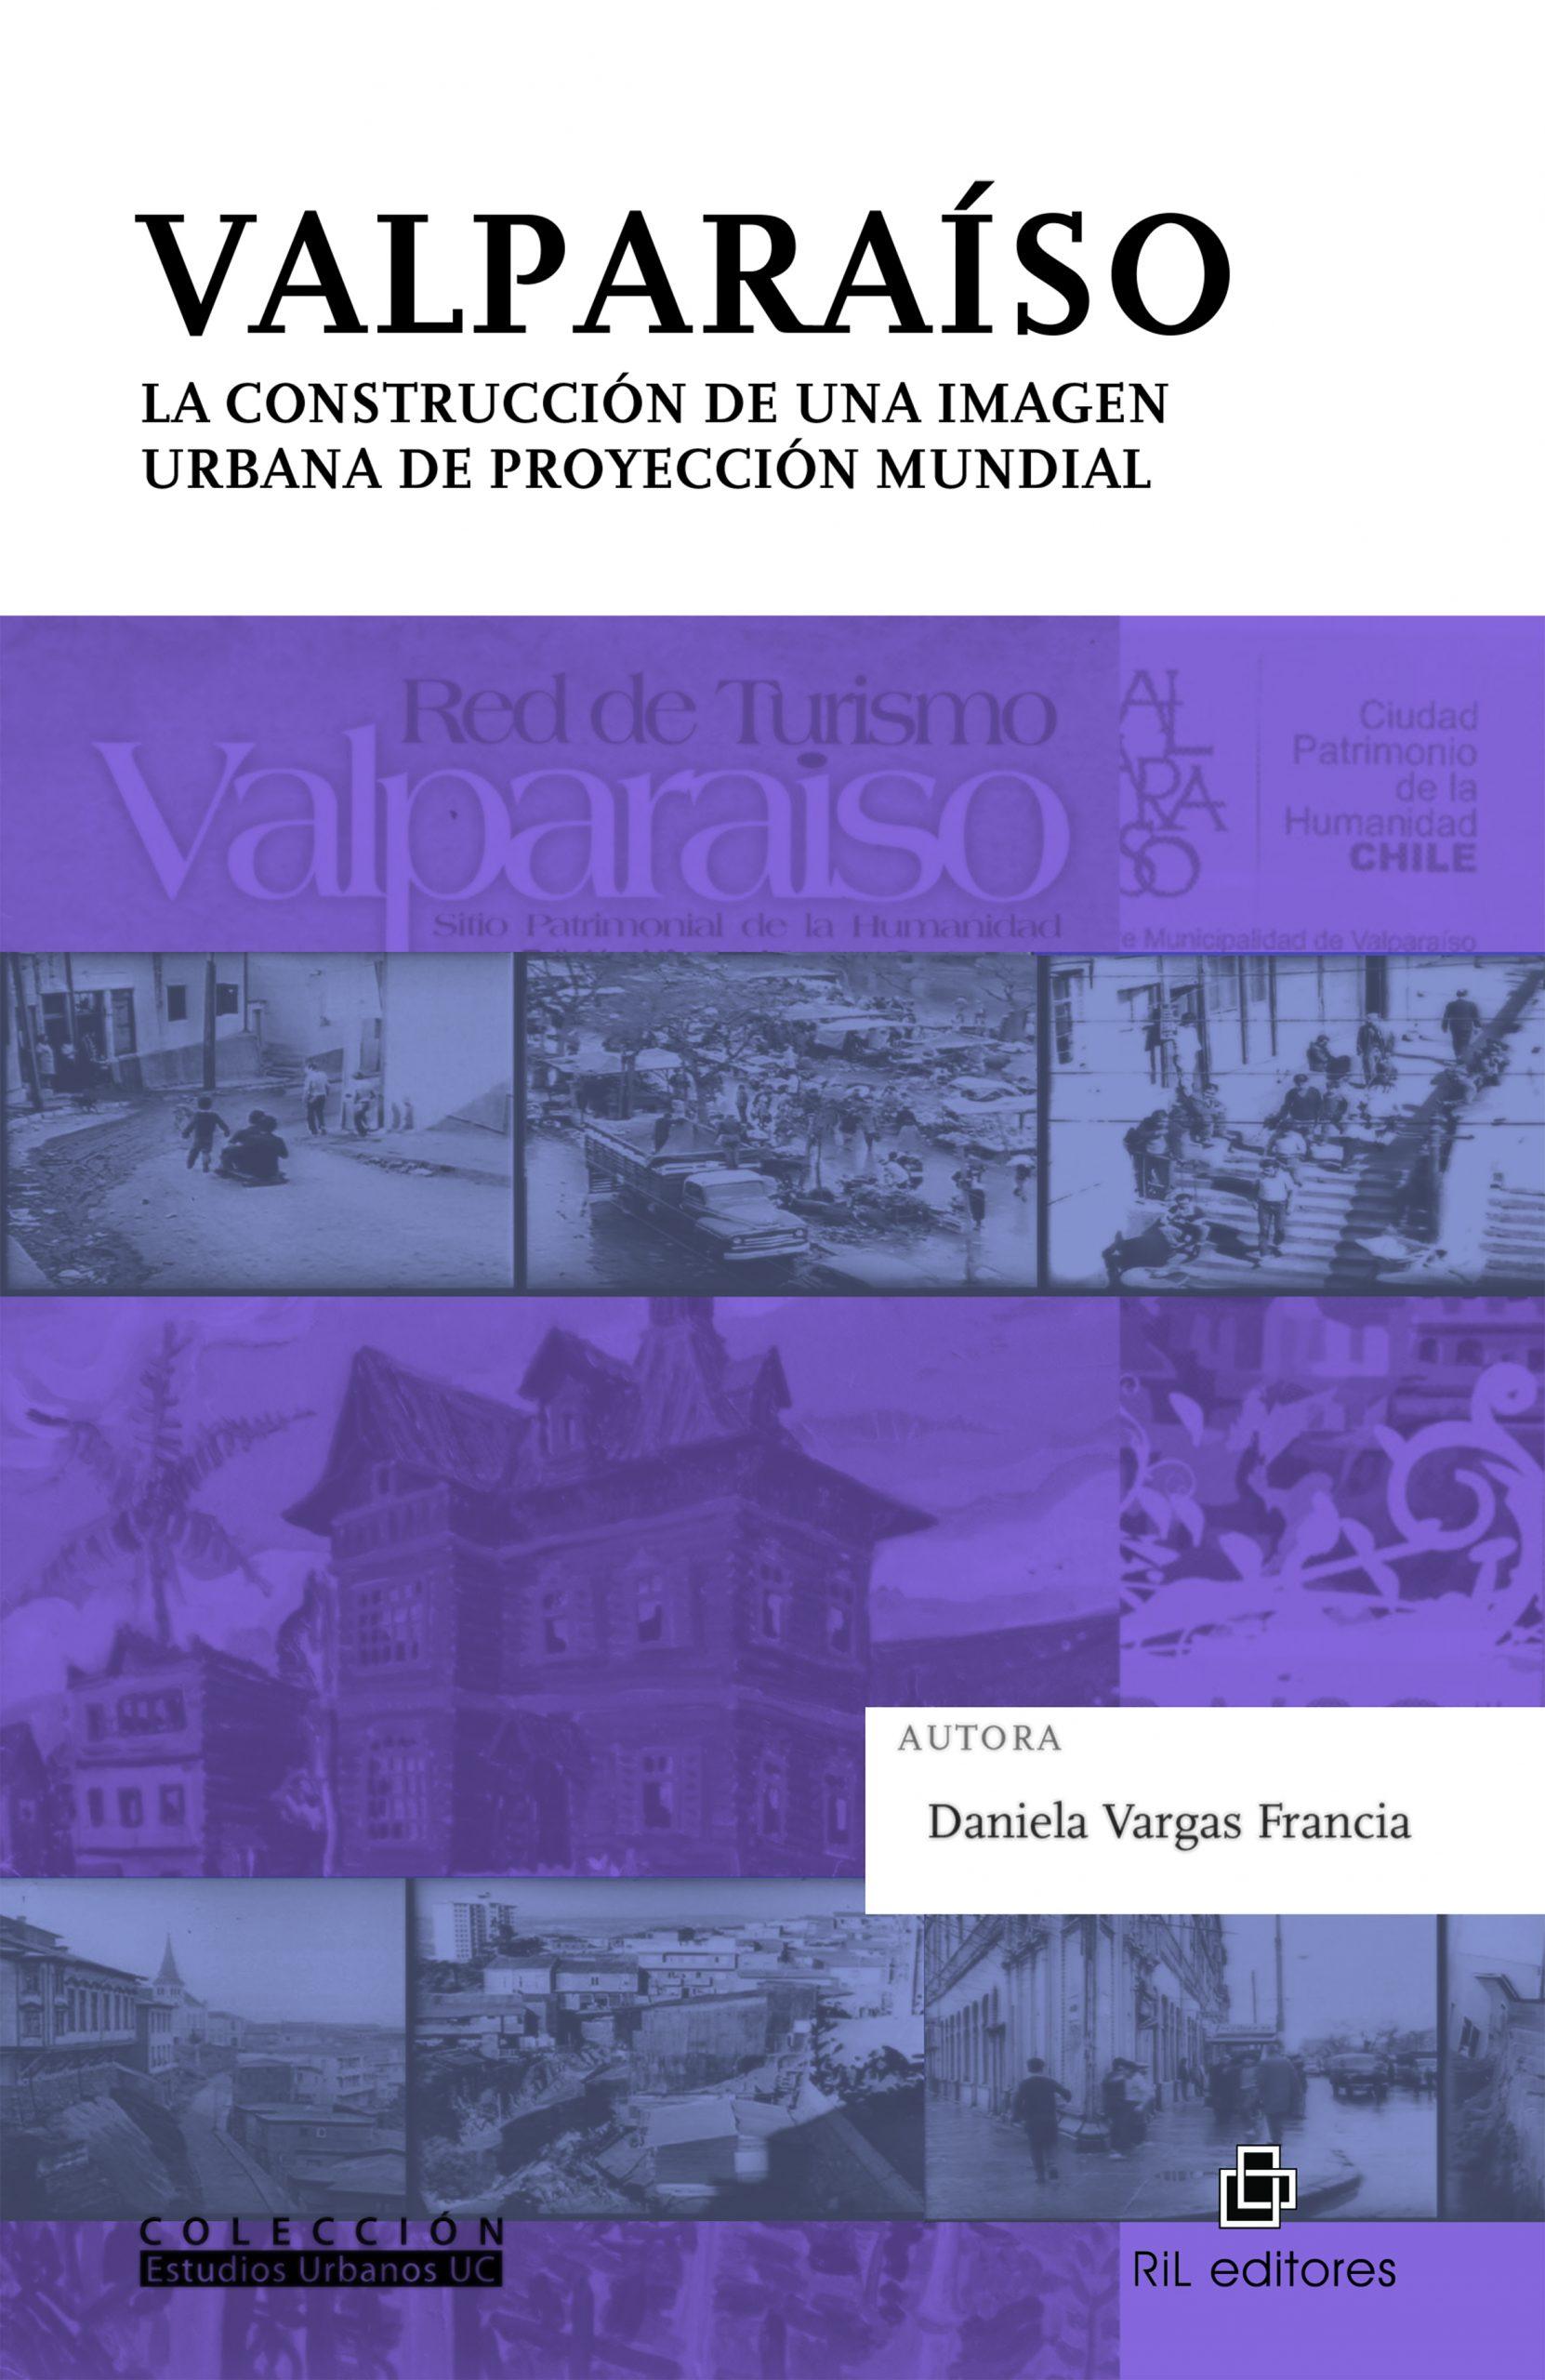 Valparaíso. La construcción de una imagen urbana a nivel mundial